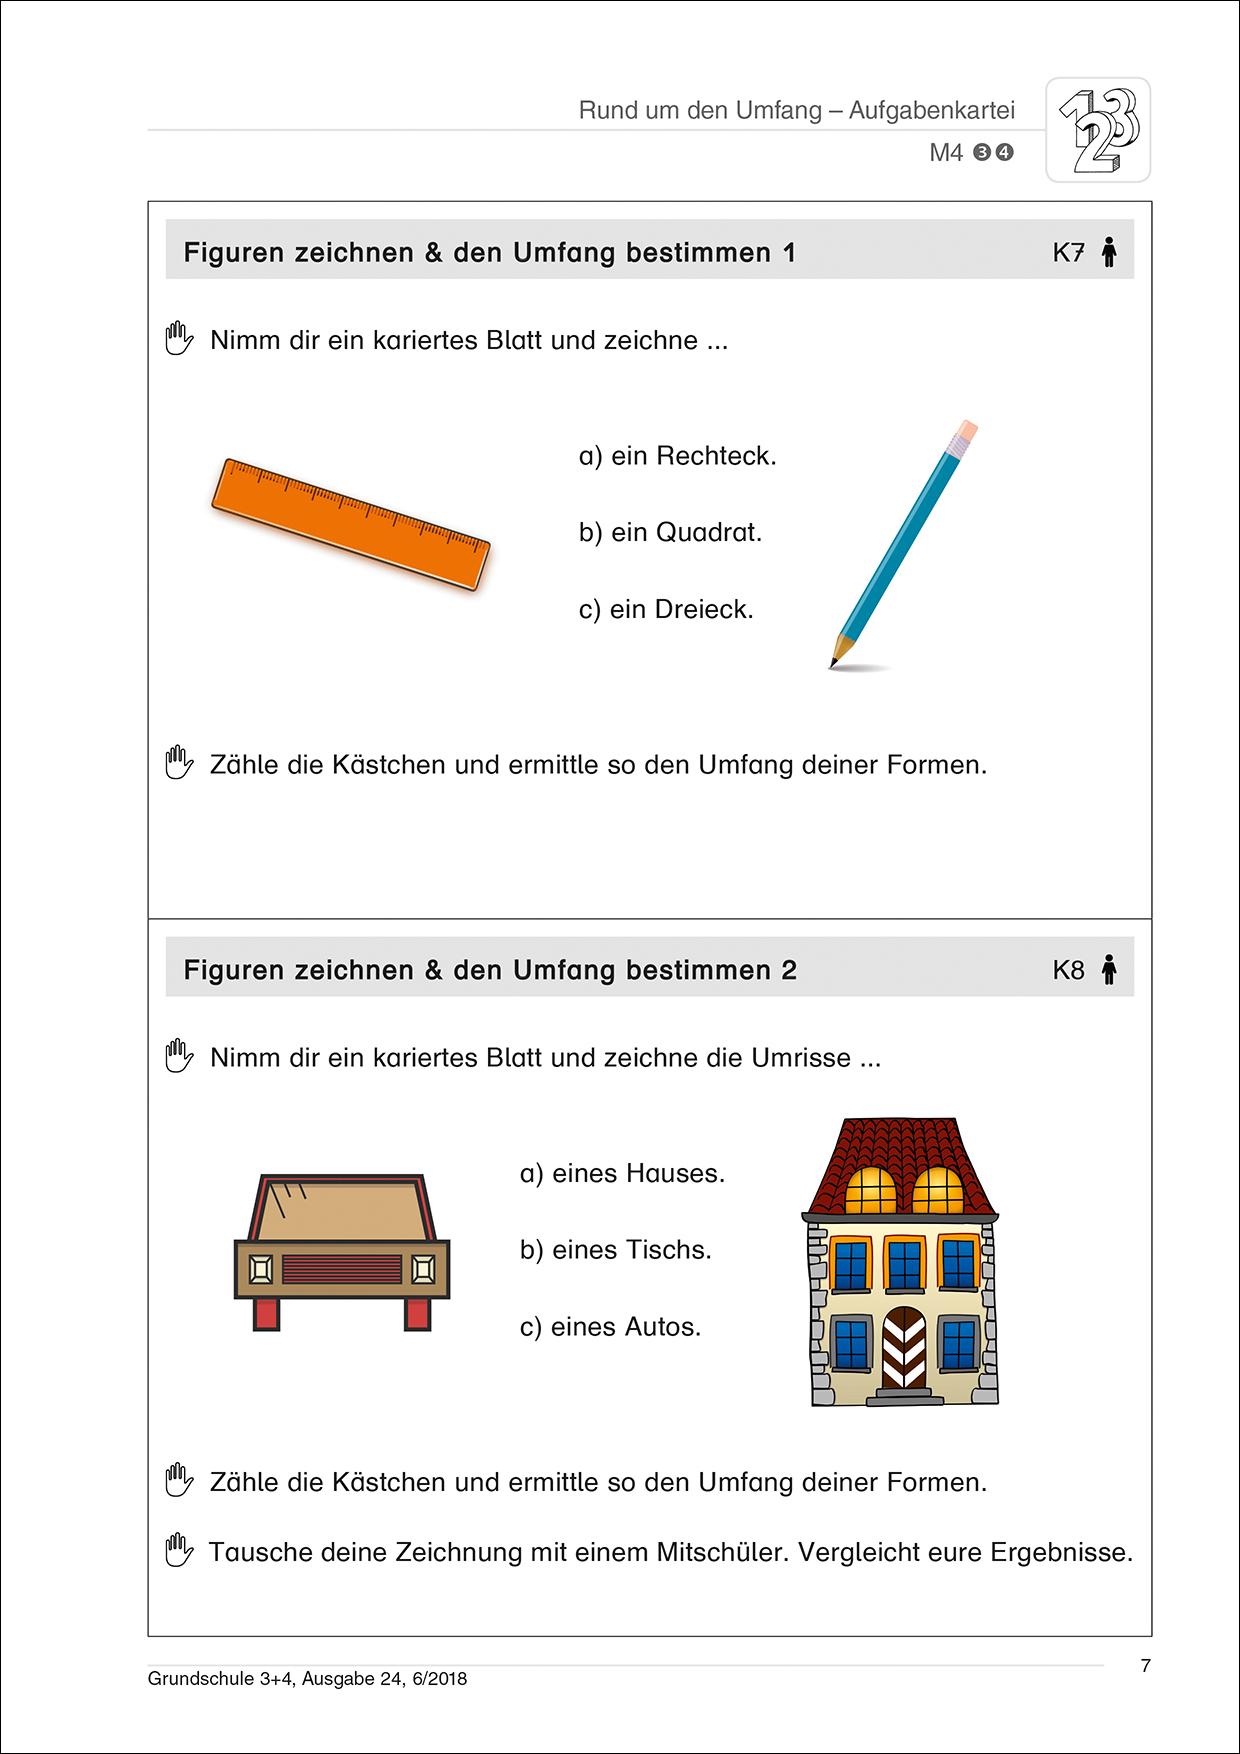 Grundschule 3+4